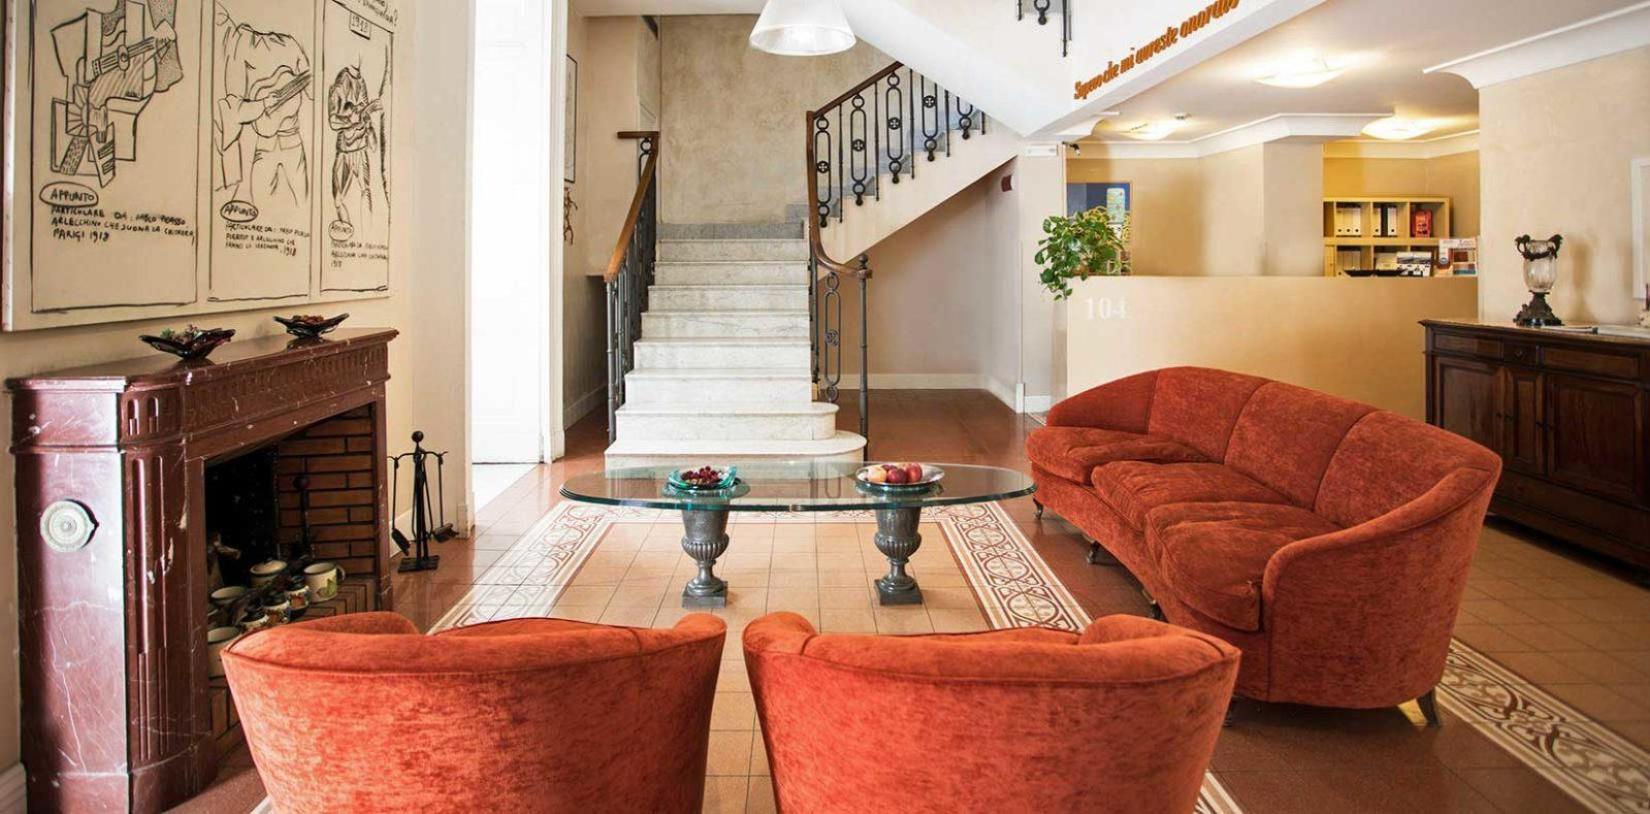 Lobby dell'hotel Costantinopoli 104 (centro storico di Napoli)